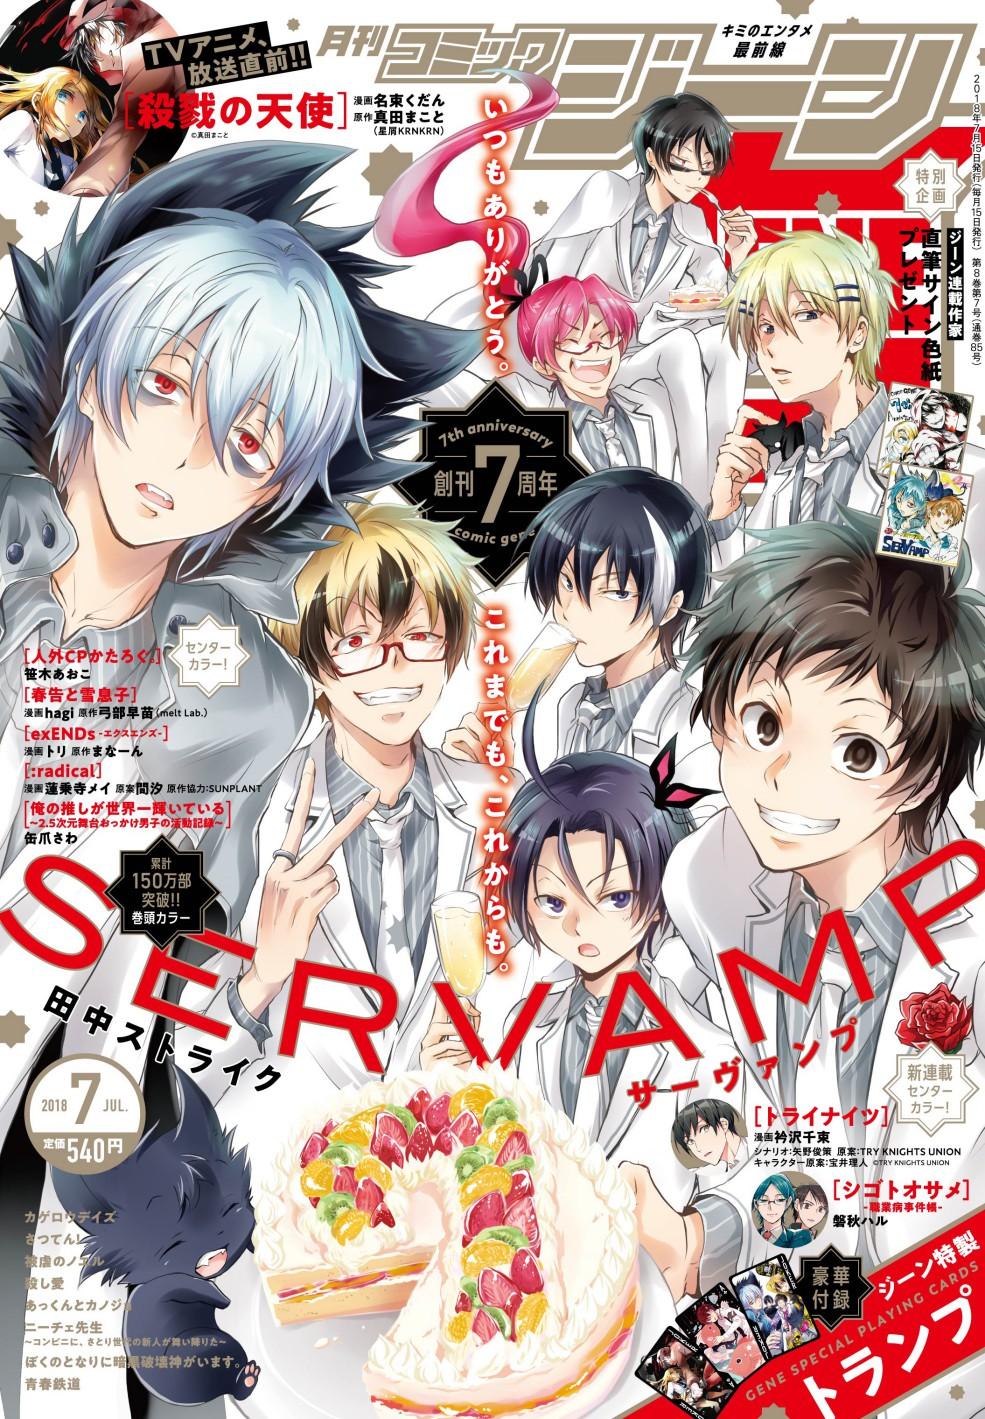 【画像】月刊コミックジーン7月号表紙